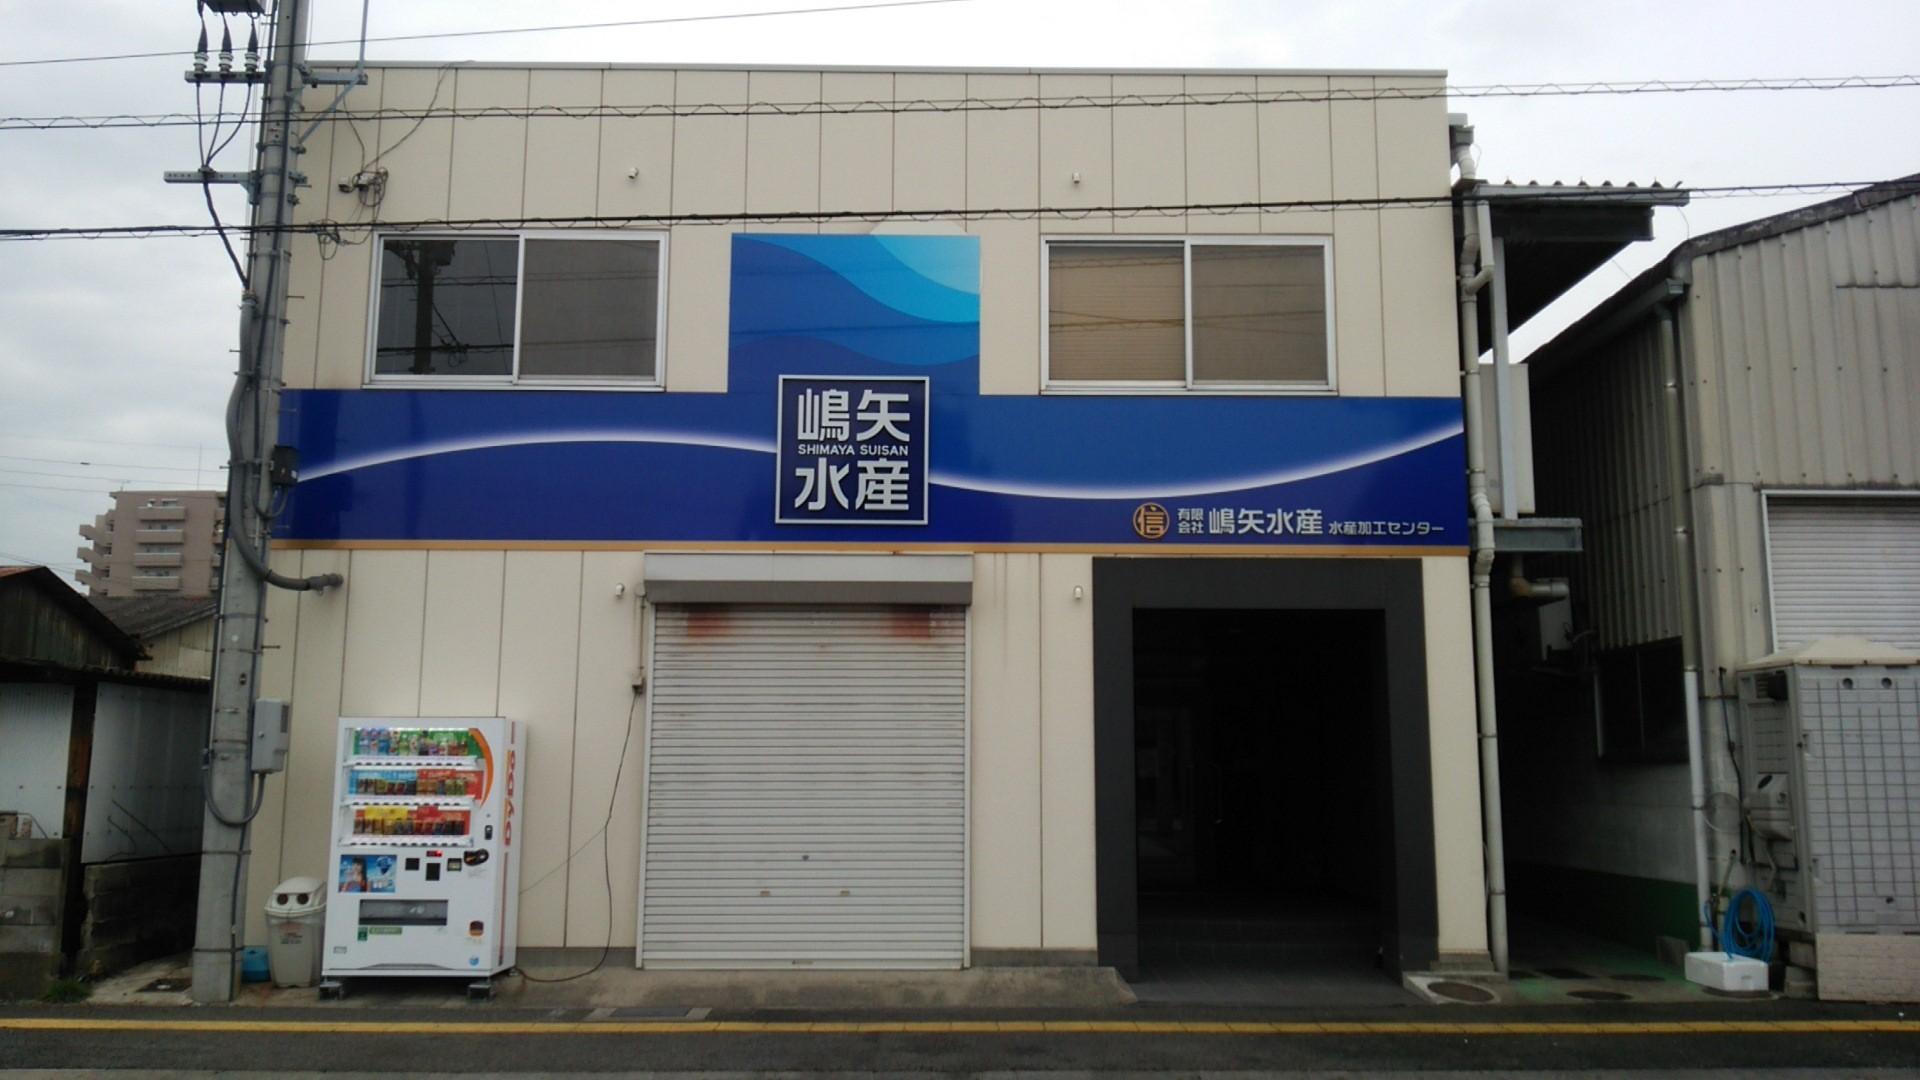 有限会社嶋矢水産 本社 のアルバイト情報